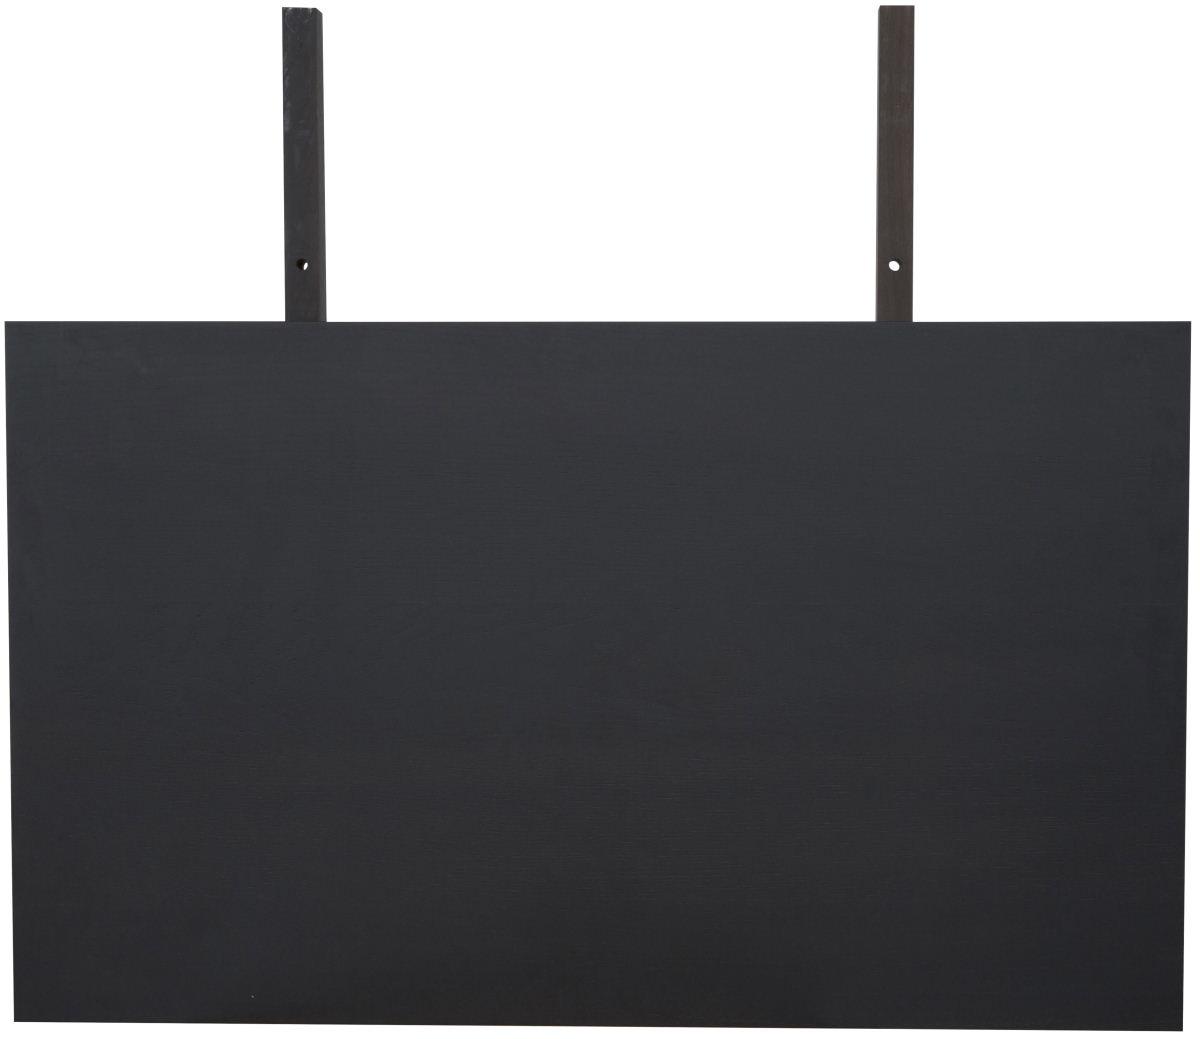 CANETT Gigant tillgsplade - antracitgr bejdset tr (100x60)